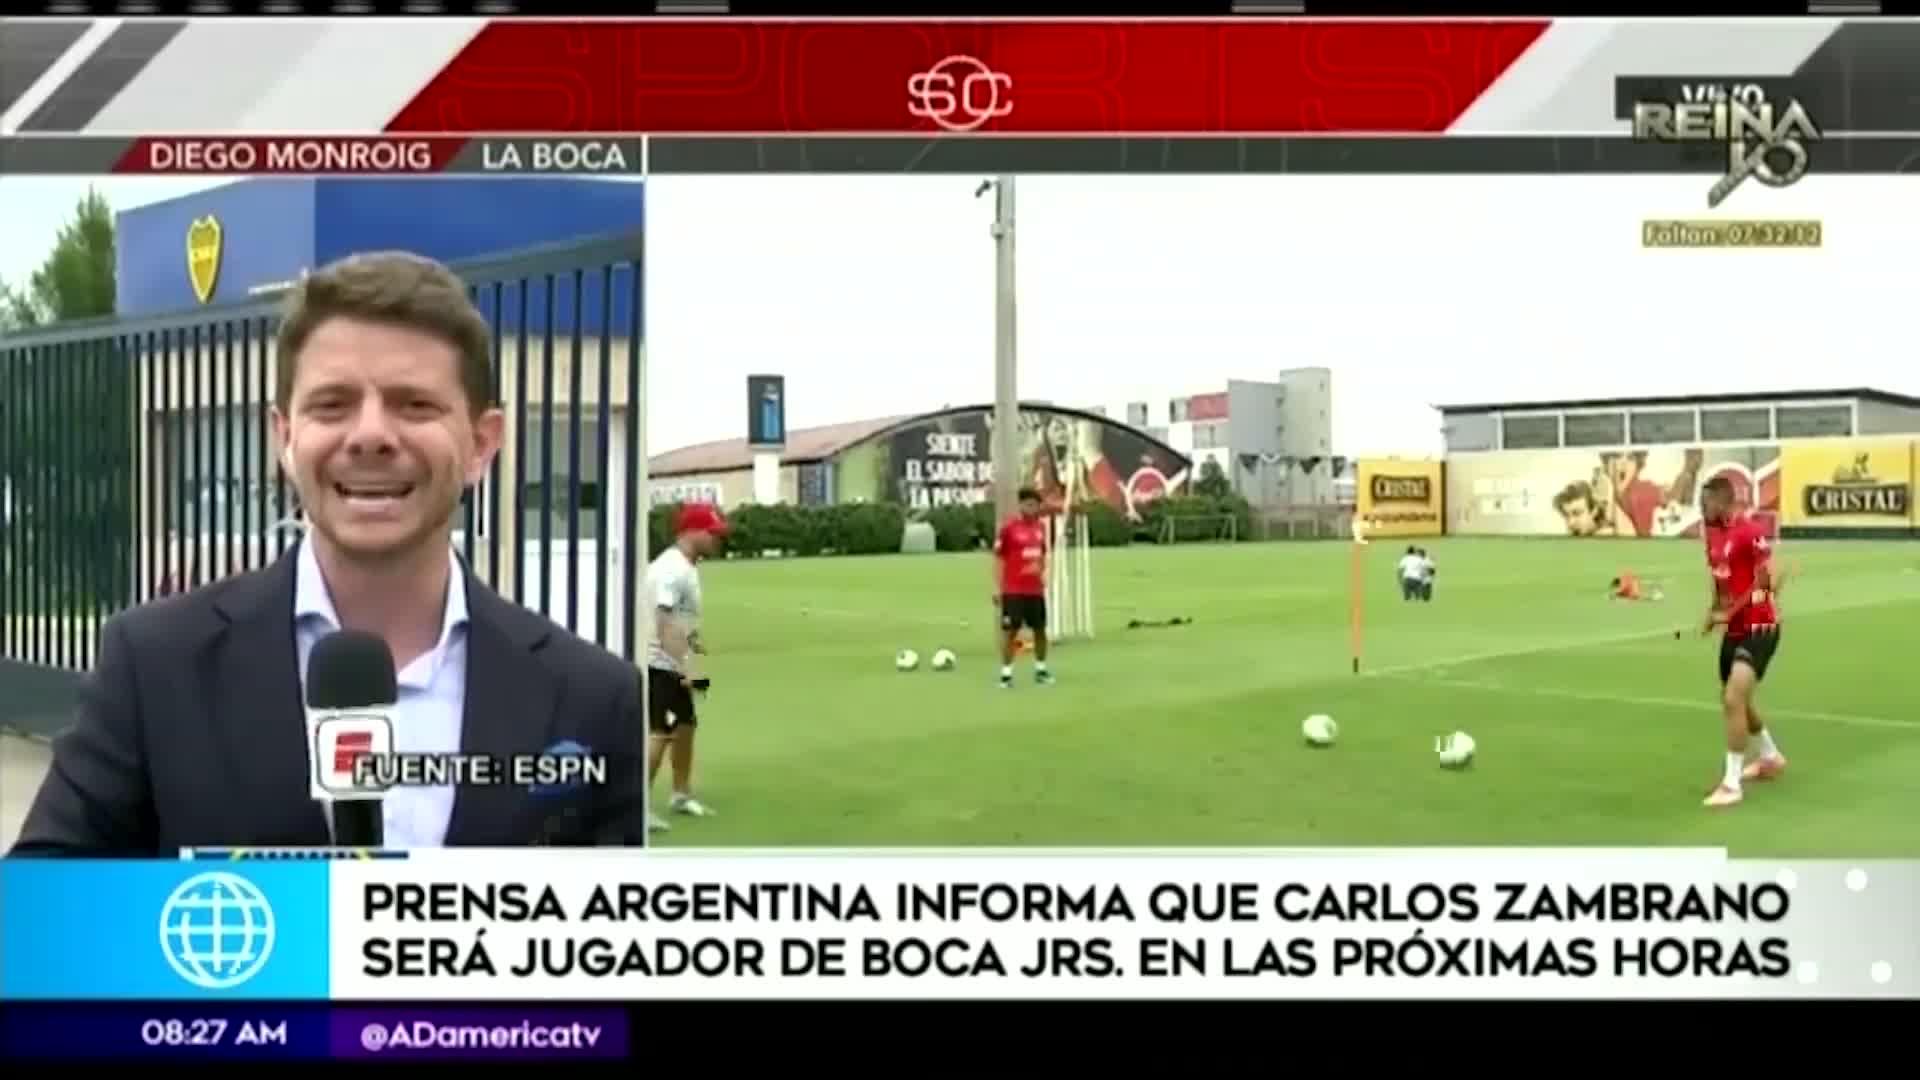 Carlos Zambrano: Cadena internacional asegura que fichaje por Boca Juniors es inminente